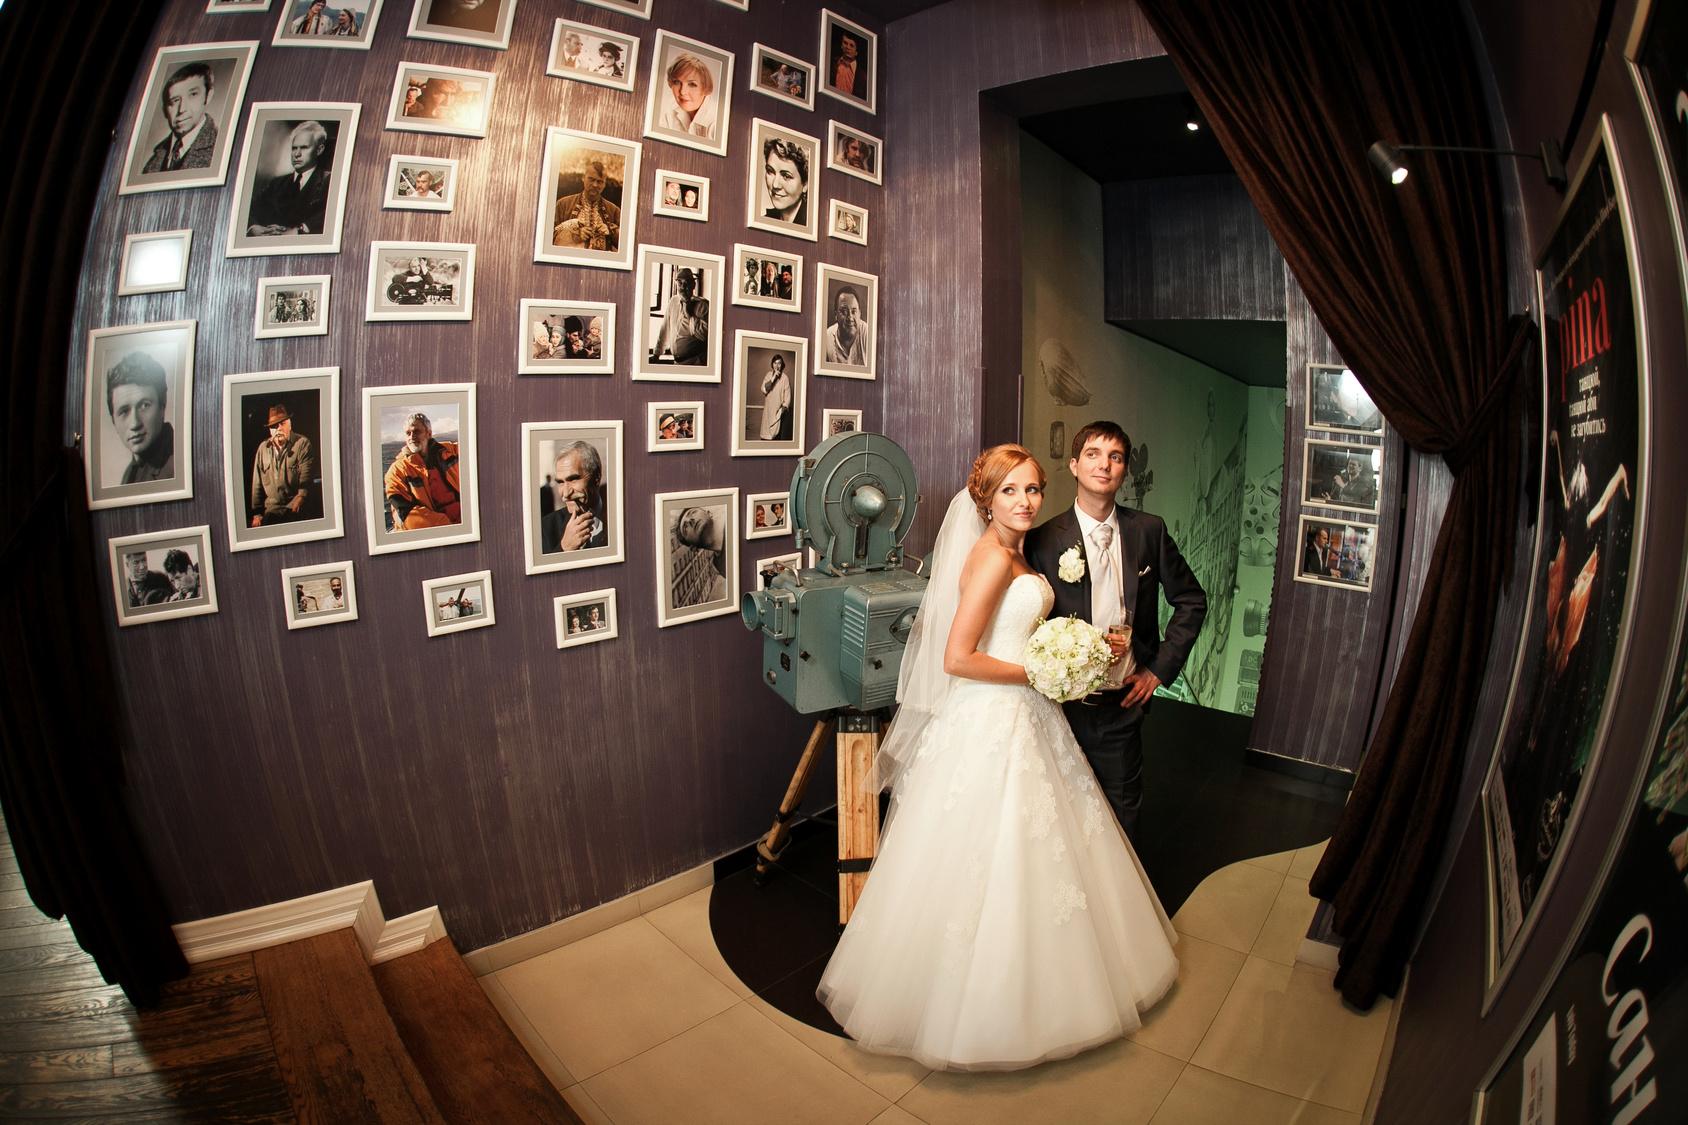 pokaz zdjęć na weselu